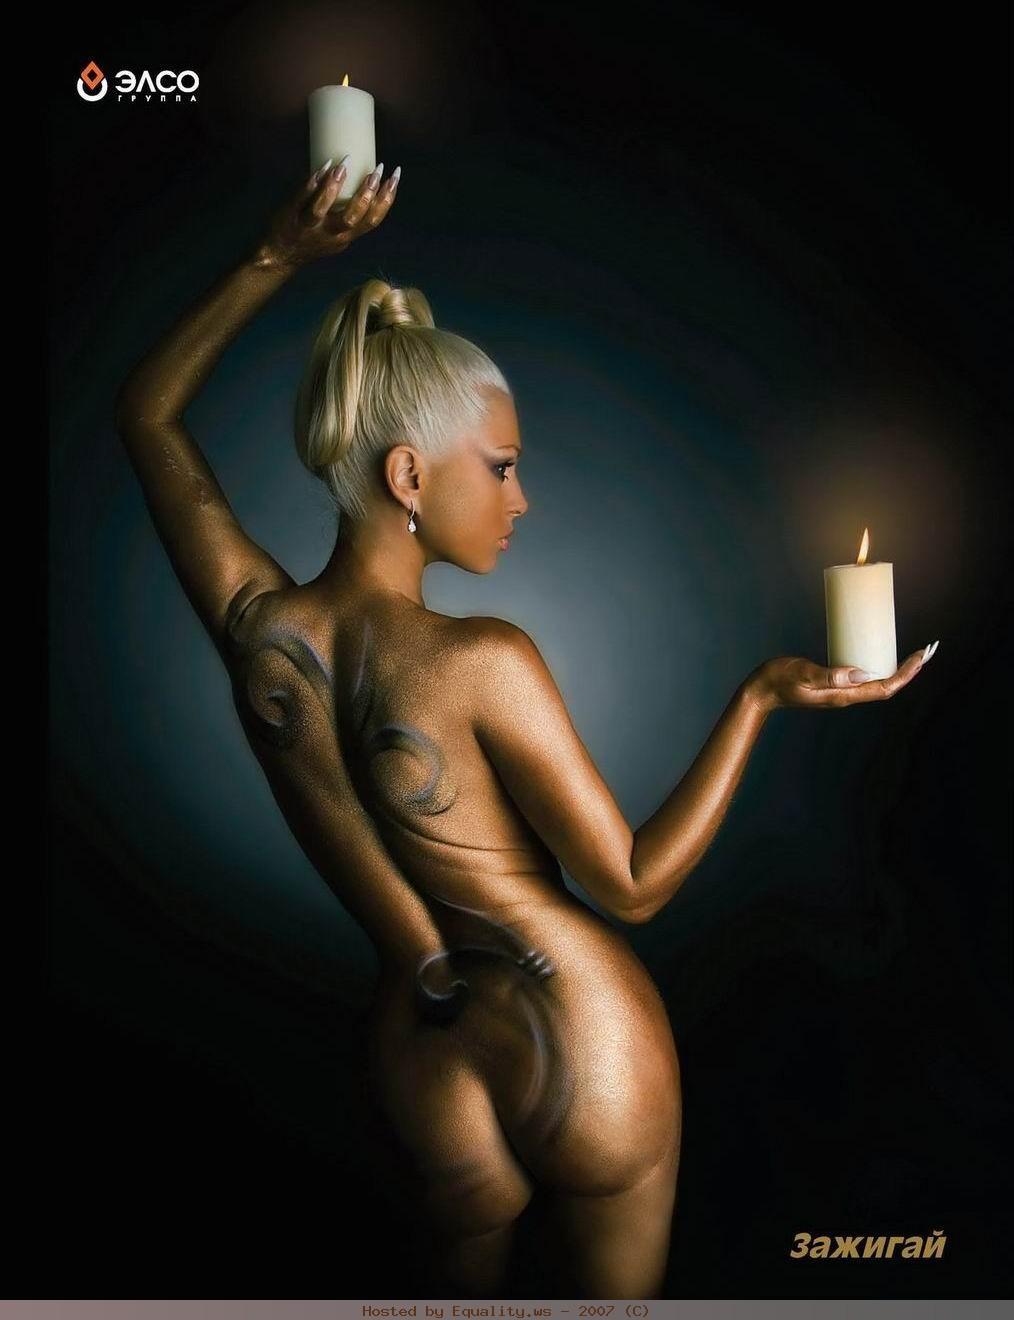 Рисунки на голых телах девушек 15 фотография